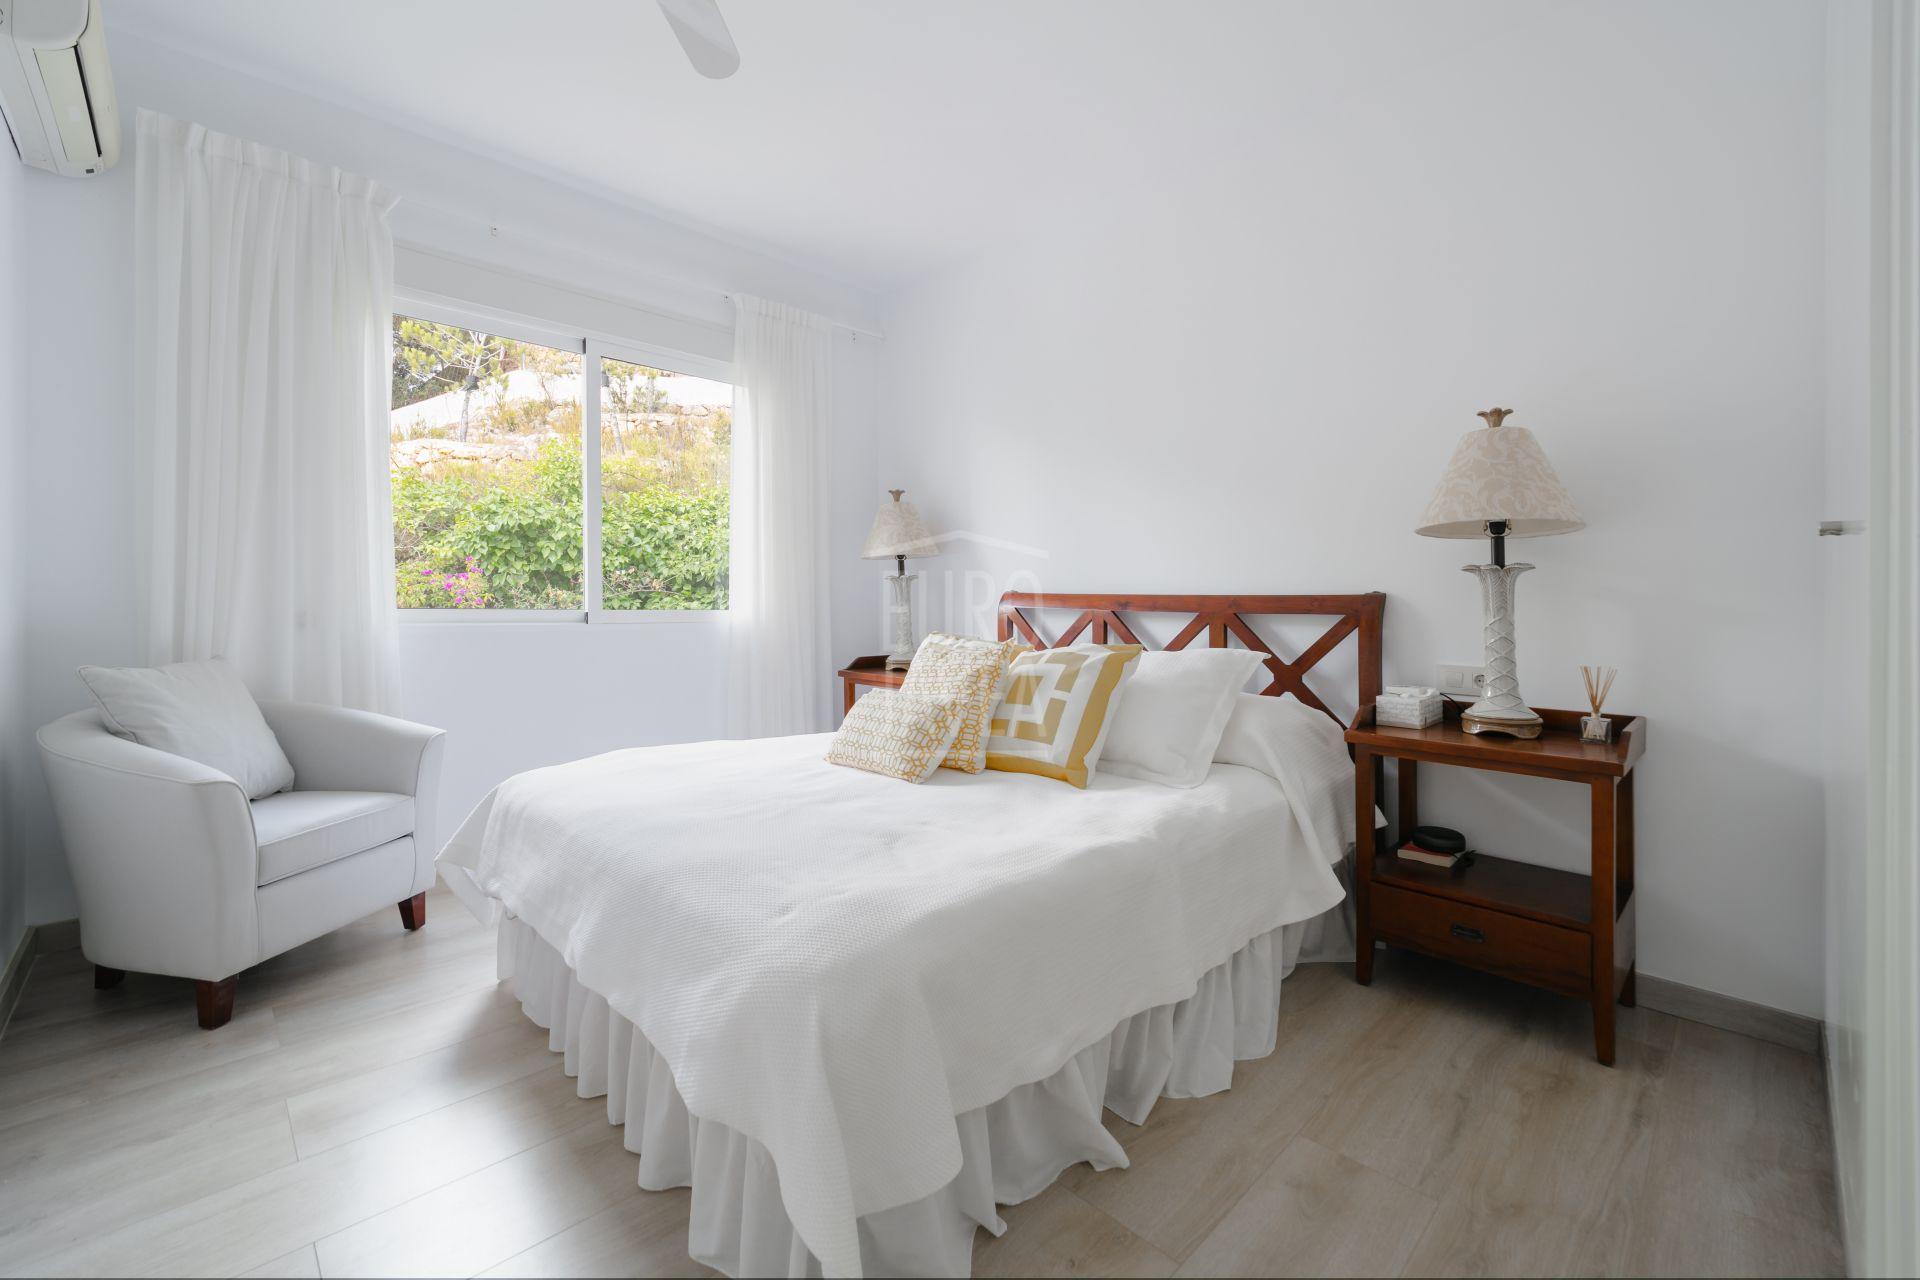 Luxory villa for sale in Jávea in the prestigious urbanisation of La Corona, close to the Port.